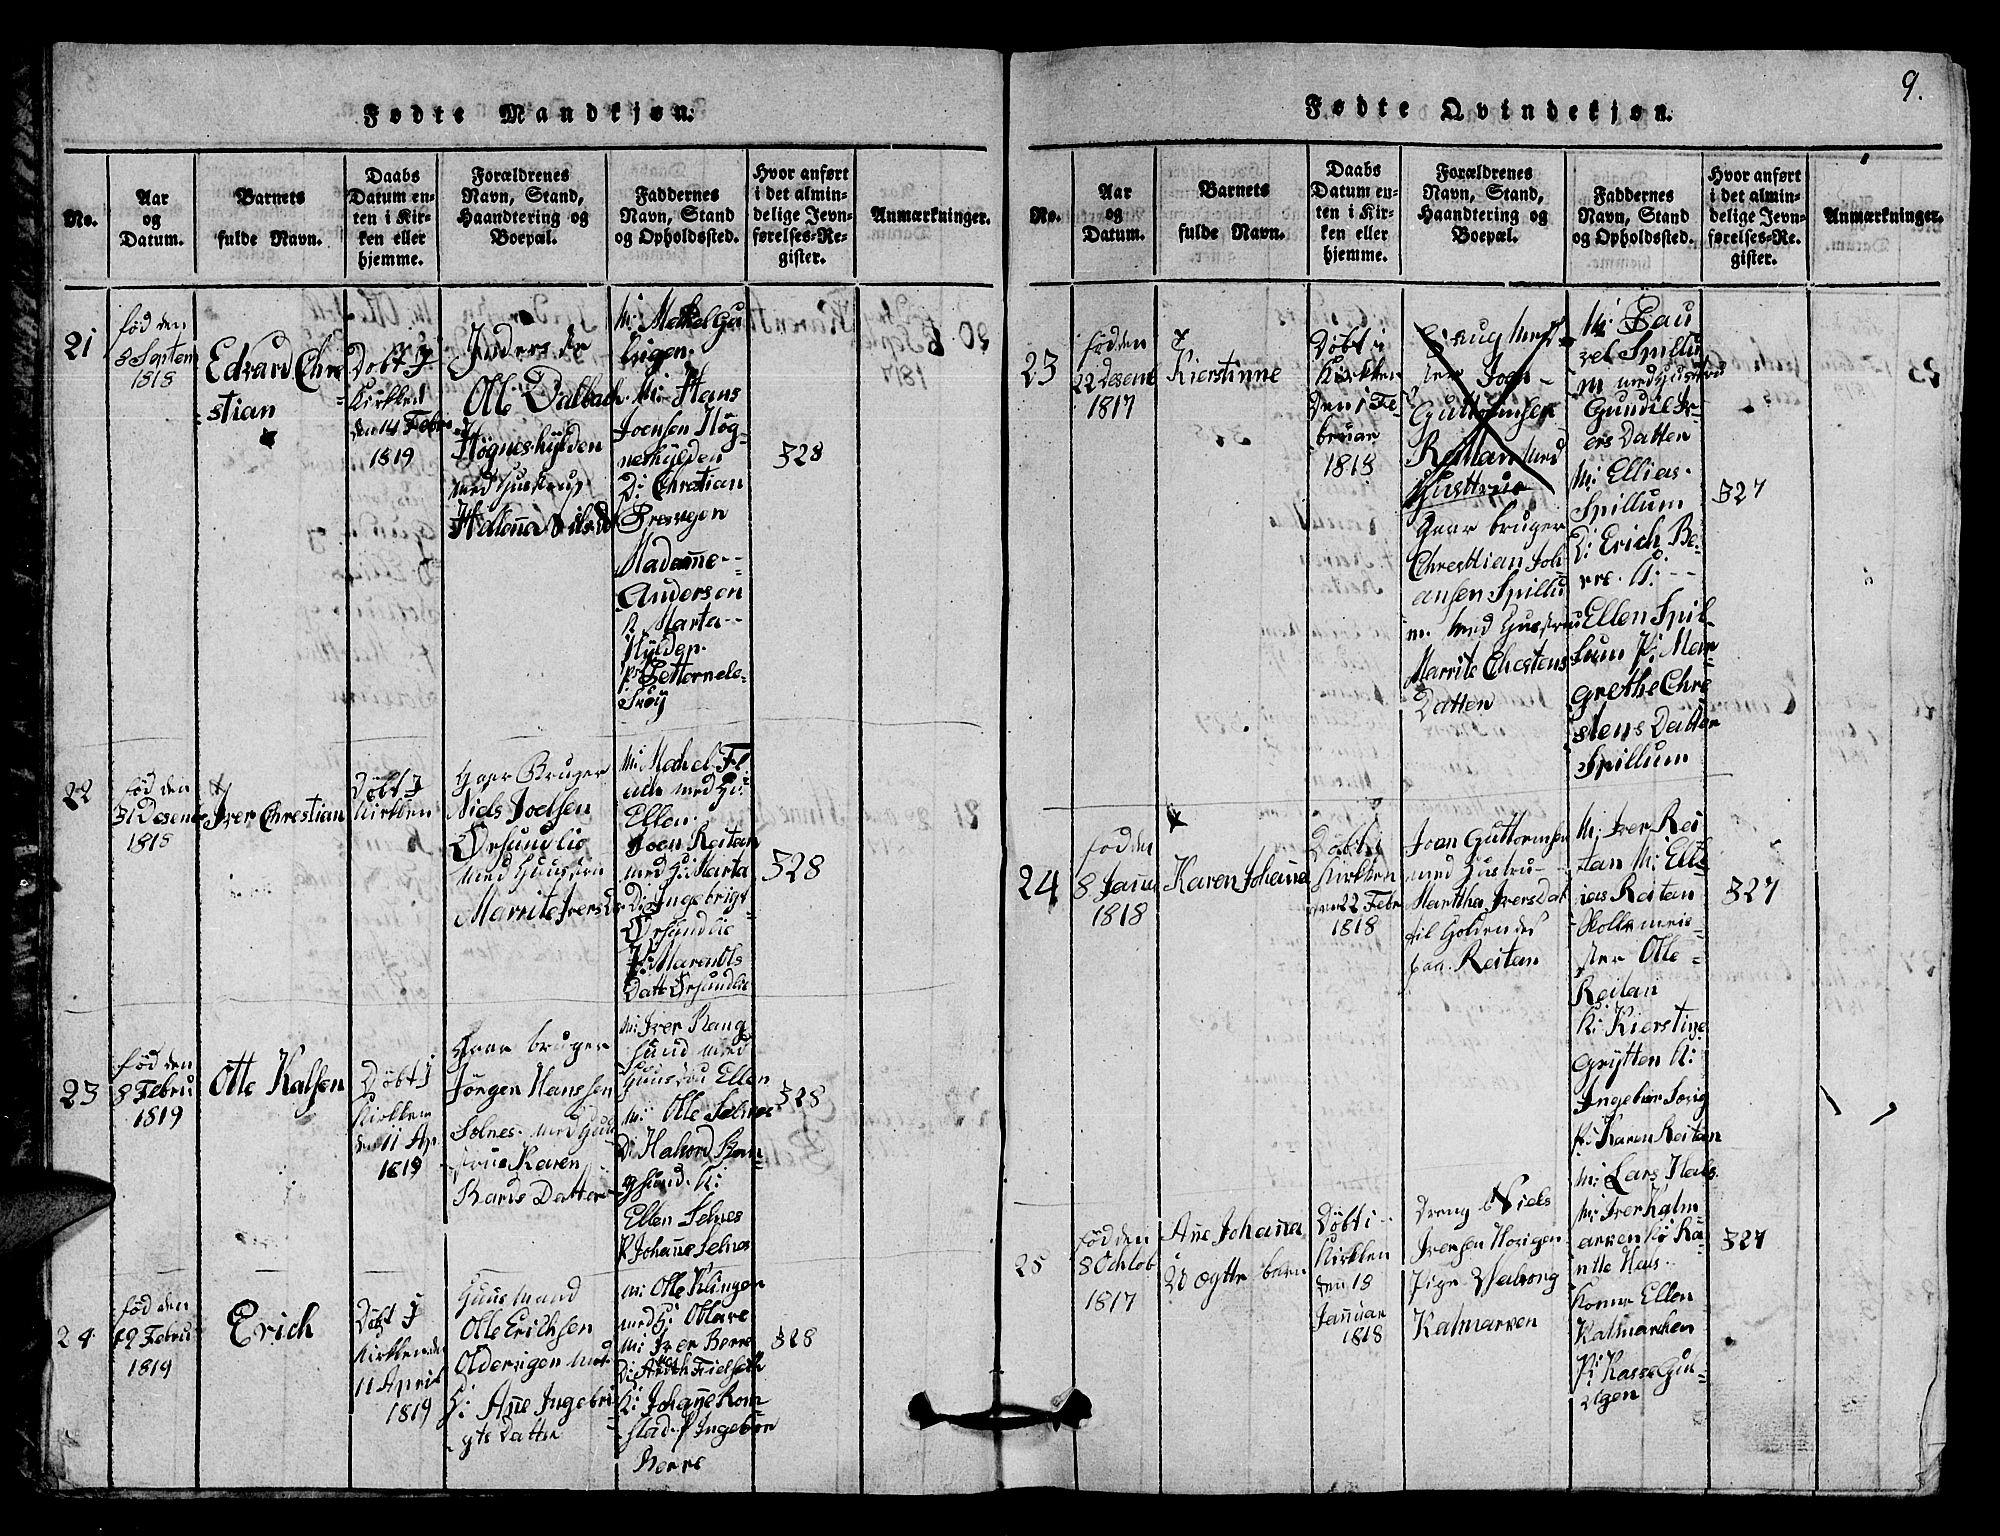 SAT, Ministerialprotokoller, klokkerbøker og fødselsregistre - Nord-Trøndelag, 770/L0590: Klokkerbok nr. 770C01, 1815-1824, s. 9